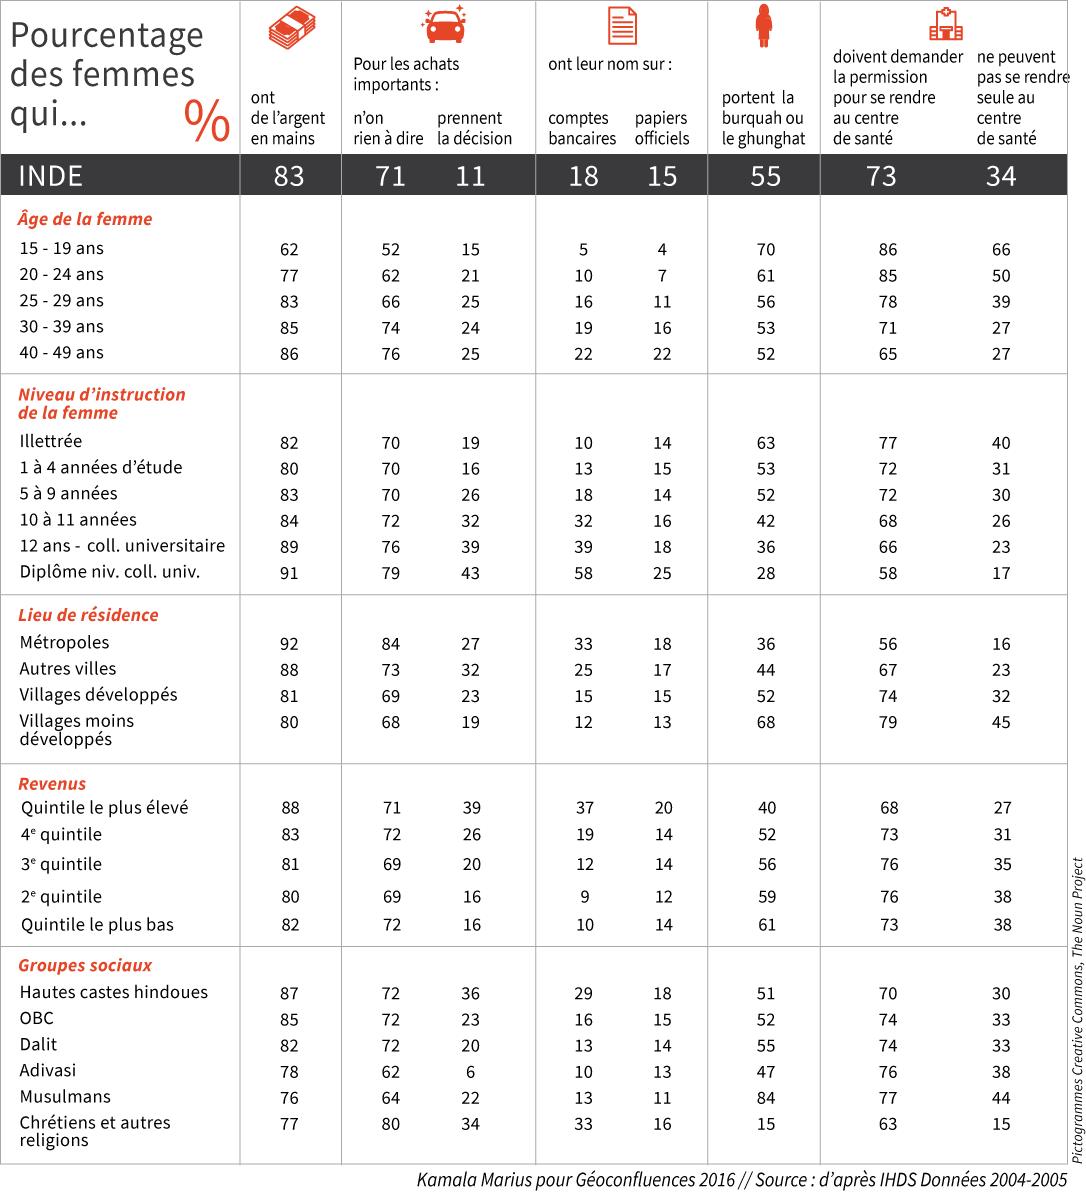 tableau autonomie des femmes par age, revenu, diplome